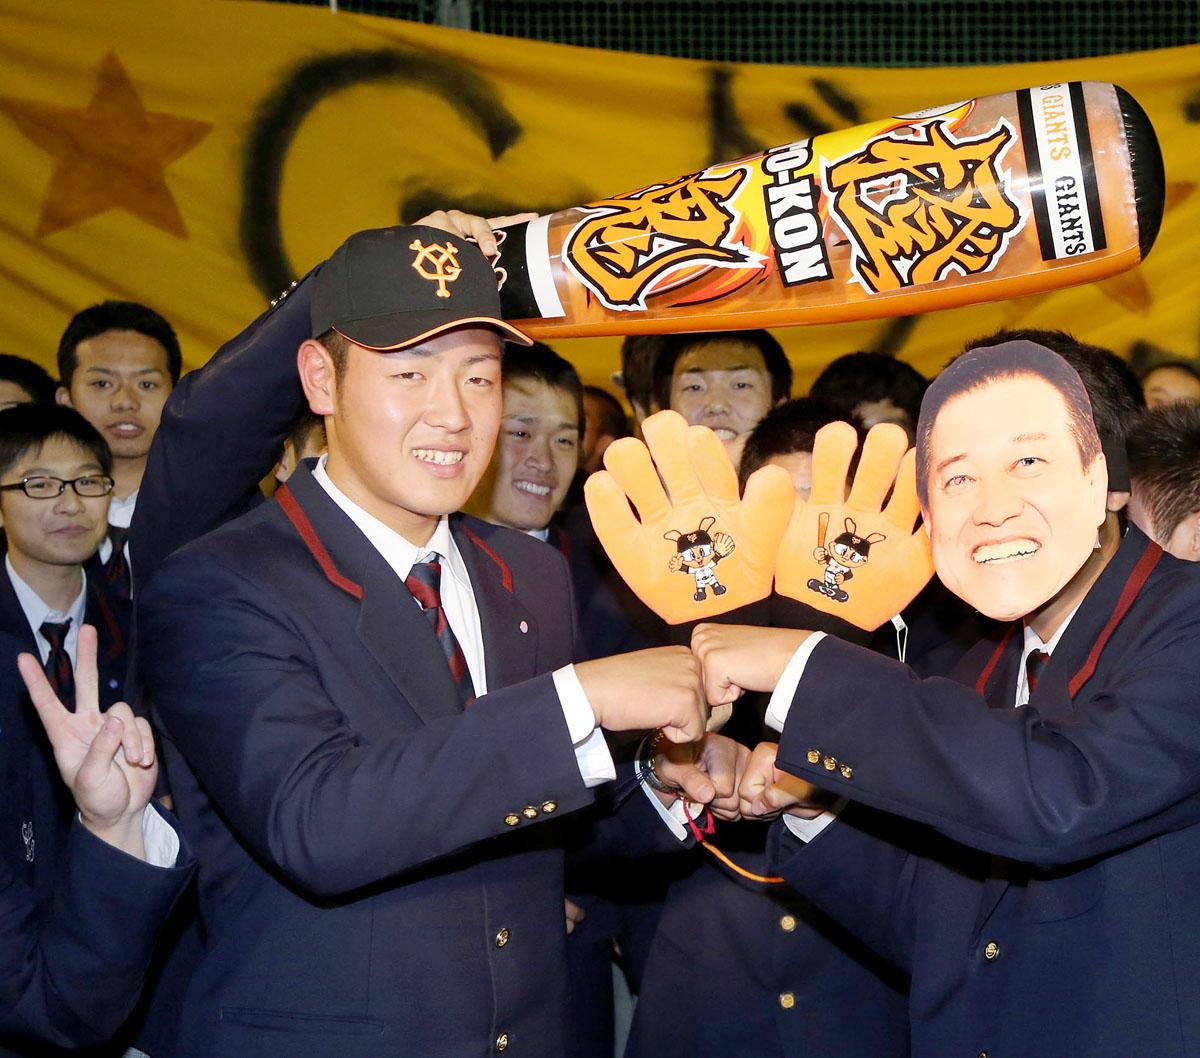 原監督のお面をつけた部員とグータッチを交わす岡本(左)/(C)日刊ゲンダイ